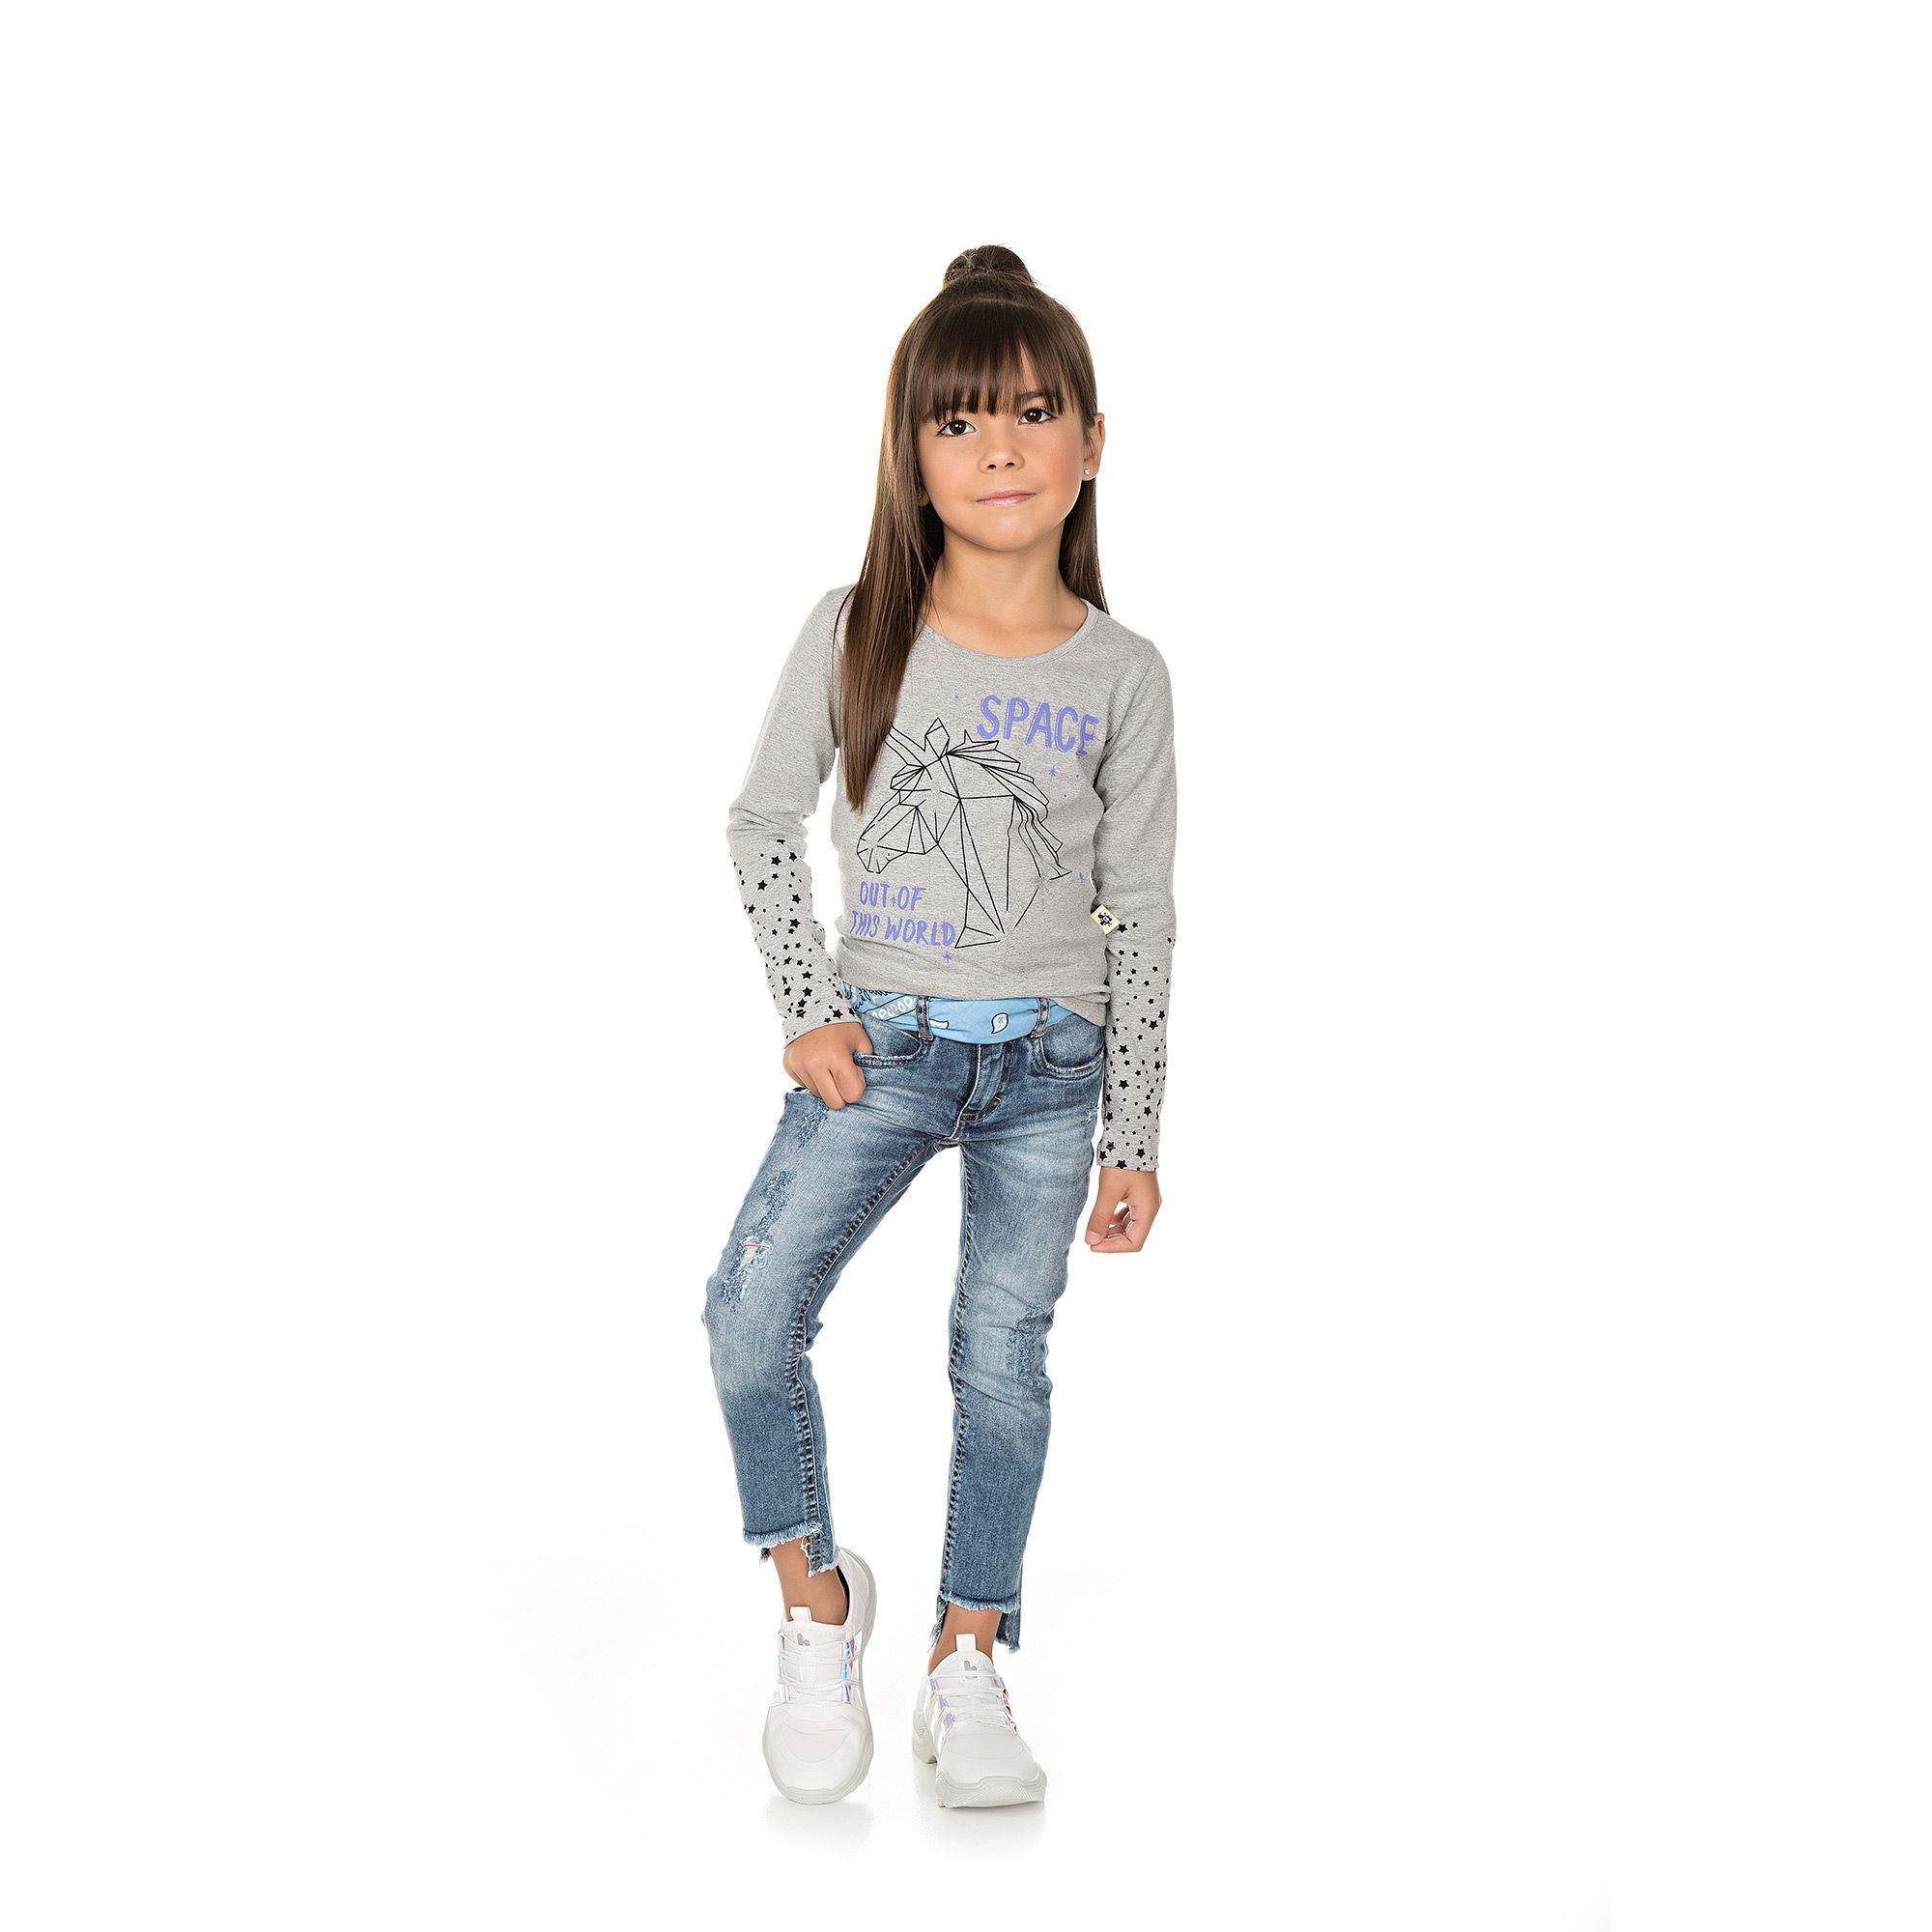 Blusa Infantil Feminina - Ref 5005 - Mescla